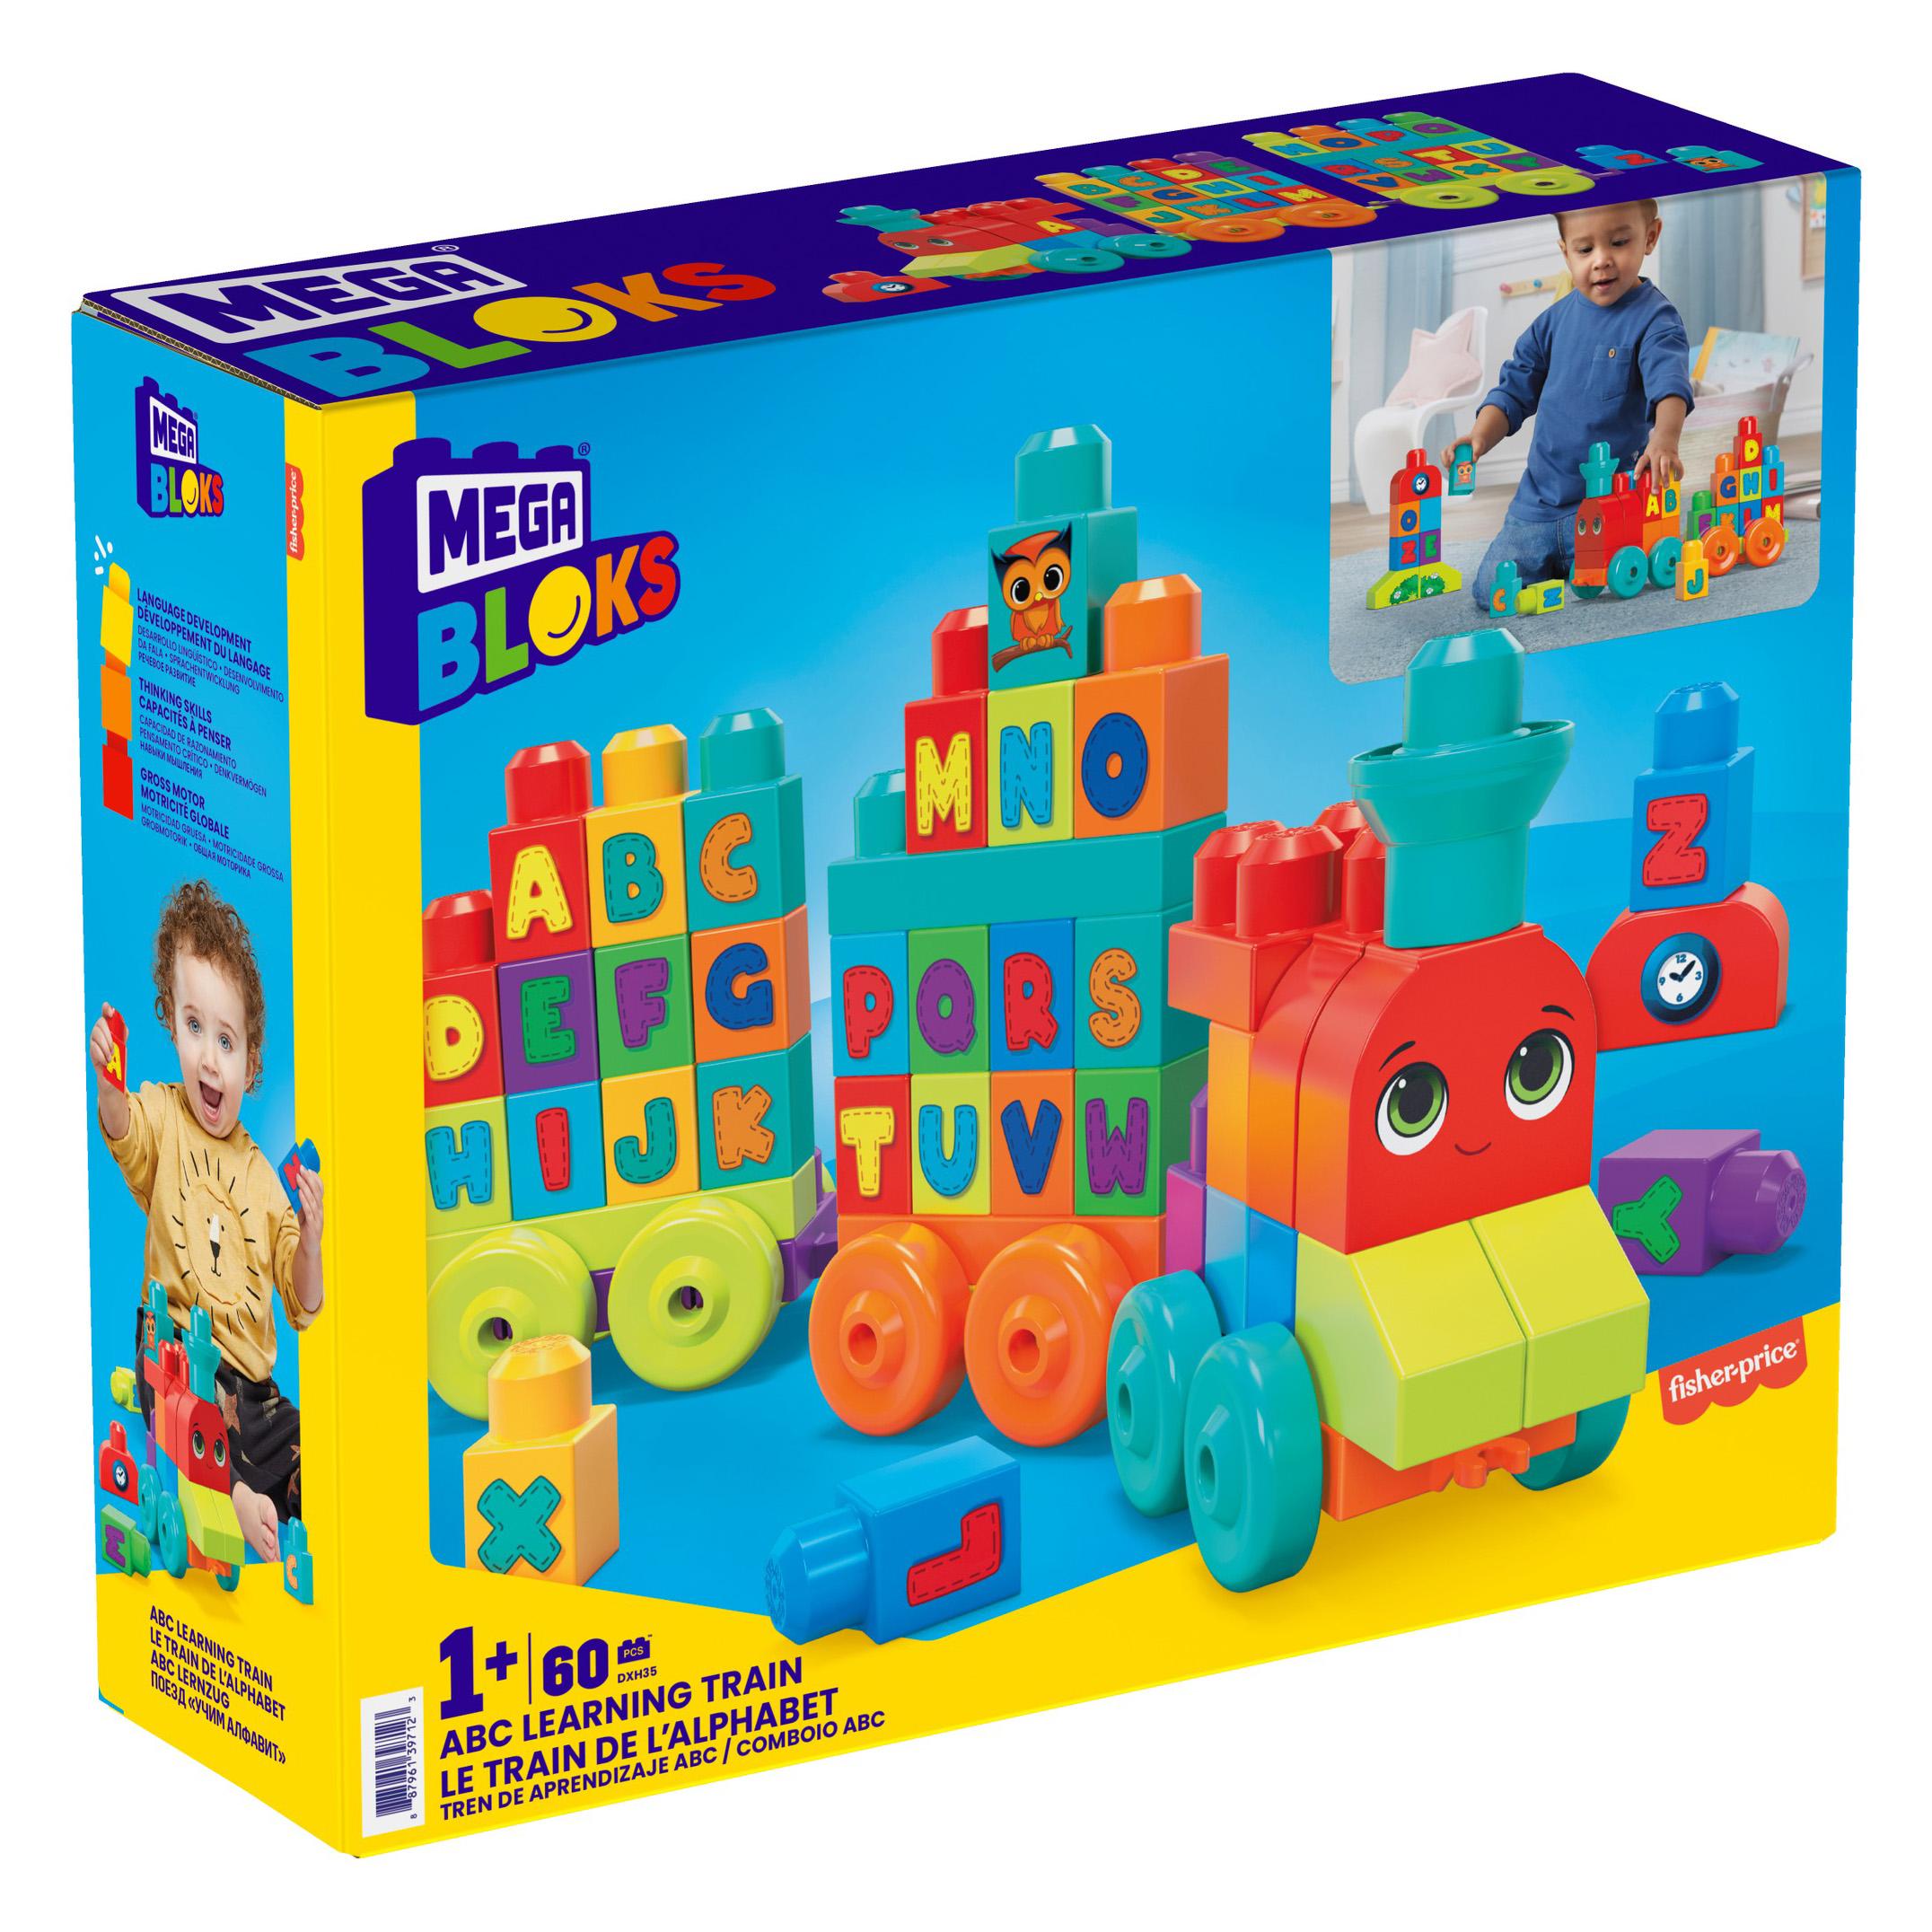 Конструктор Потяг з буквами Mega Bloks (DXH35) - купити в магазині дитячих  іграшок  Будинок іграшок  c00ca0035cc55